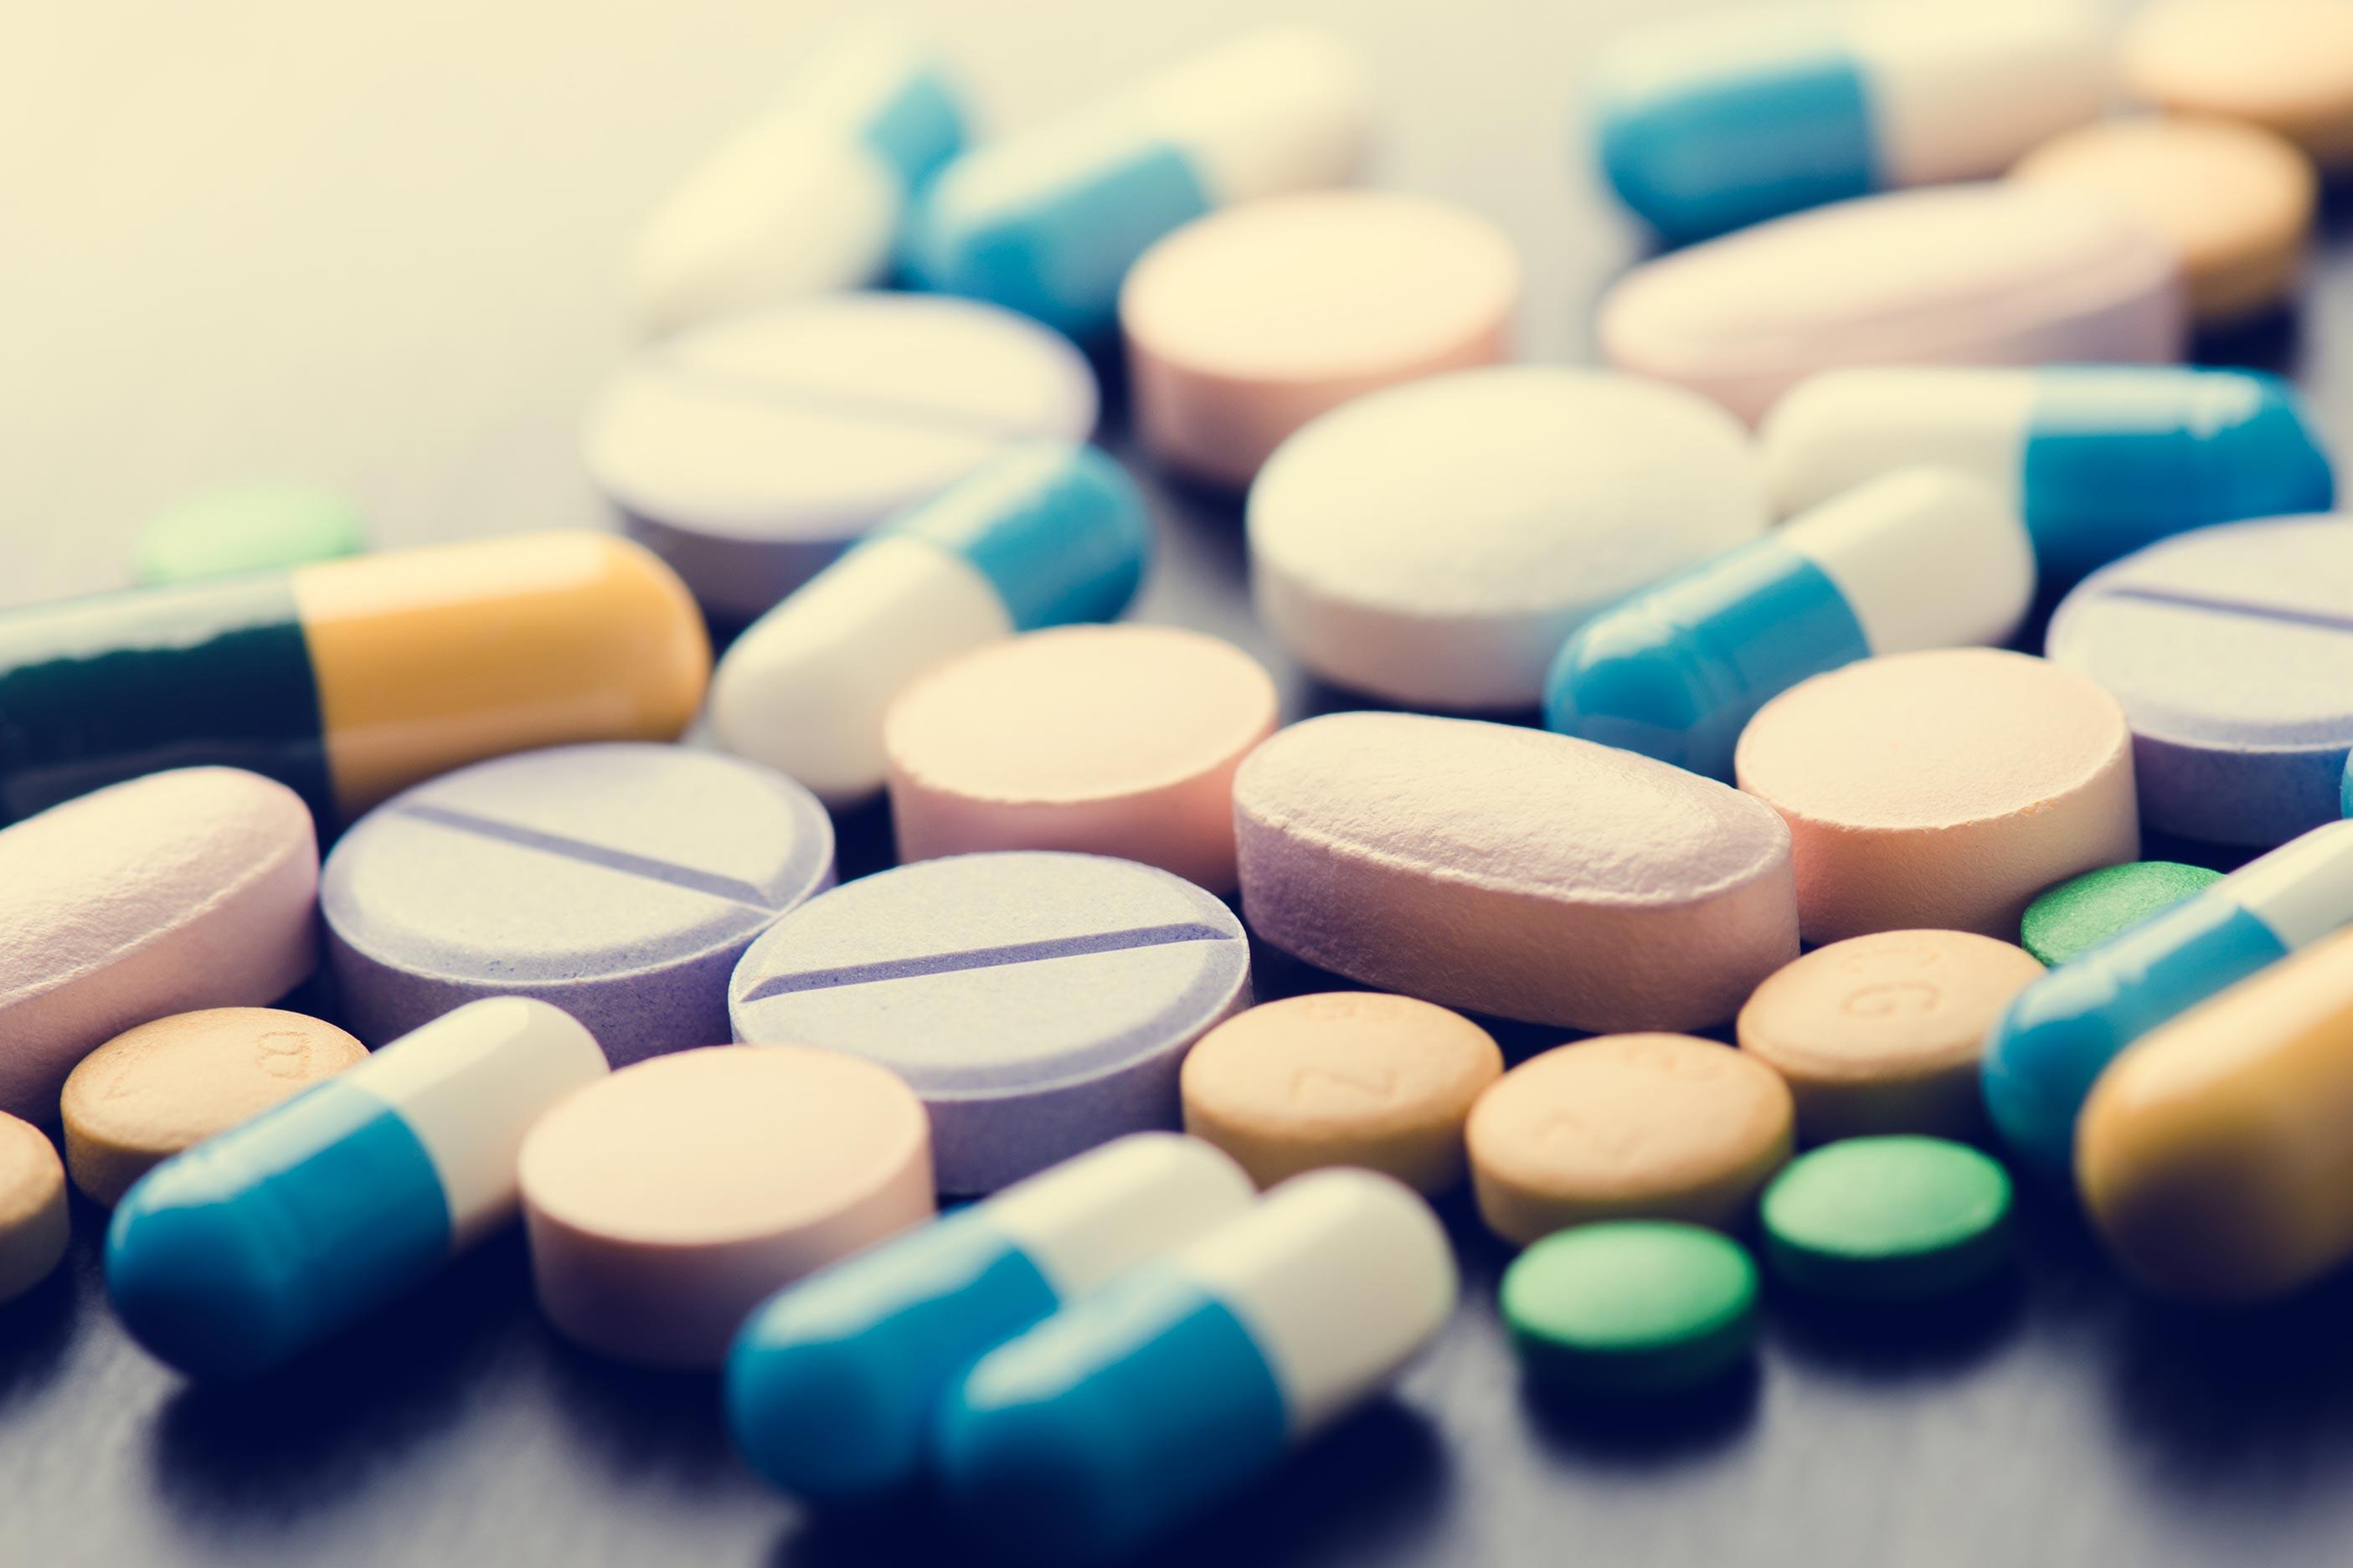 Automatyczny dyspenser leków